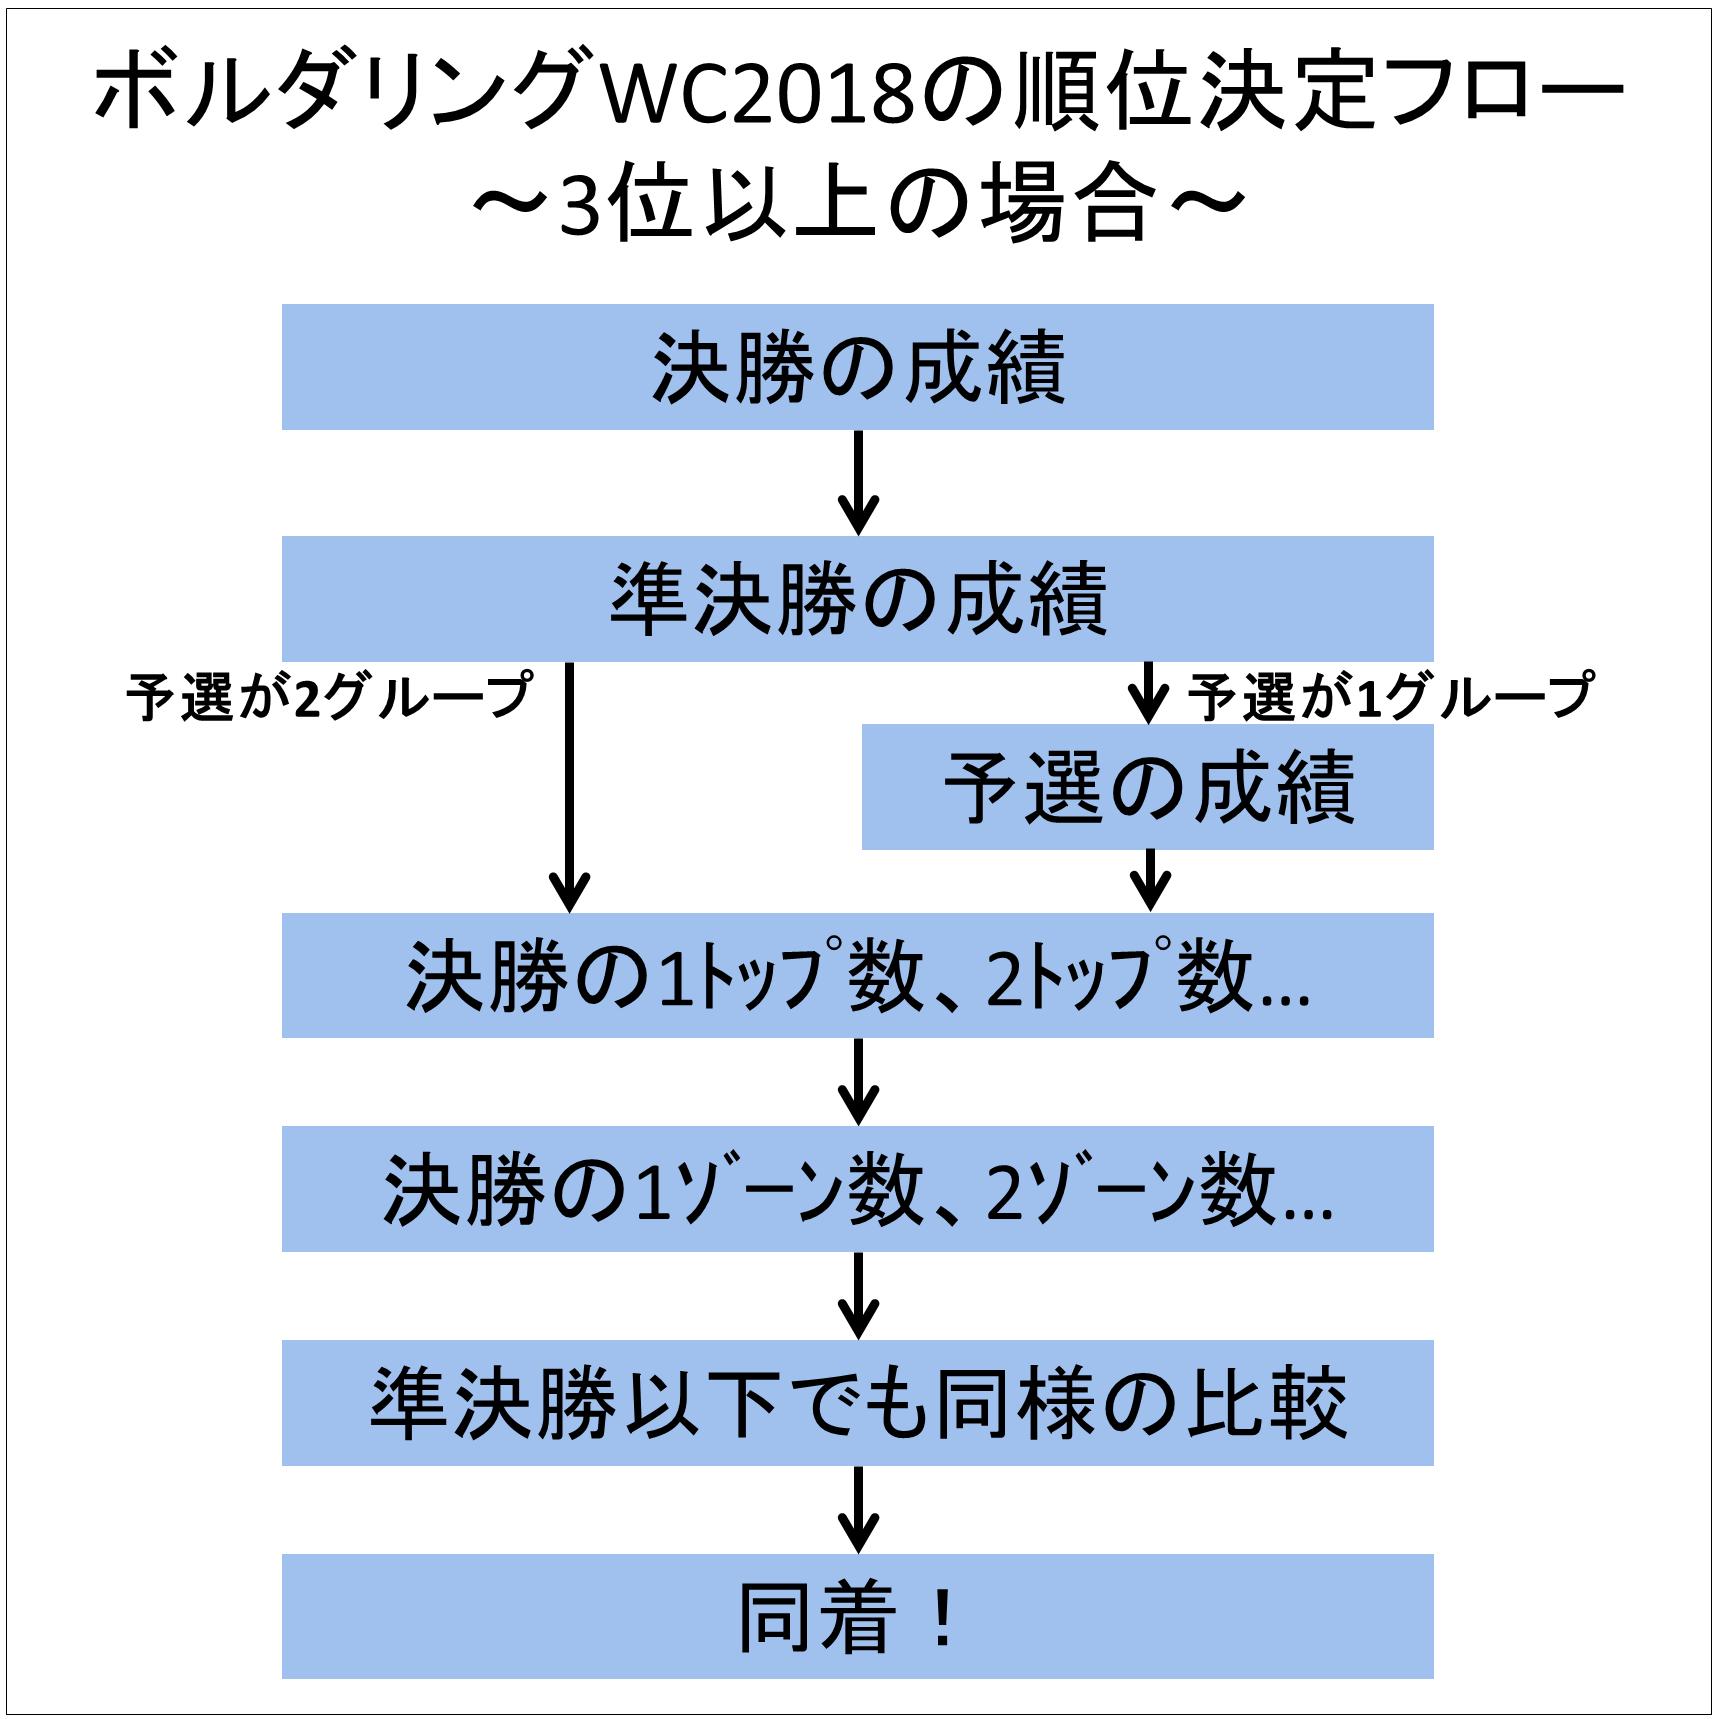 クライミングのルールの考察9~ボルダー競技で同成績の場合のIFSCルール2018変更点~